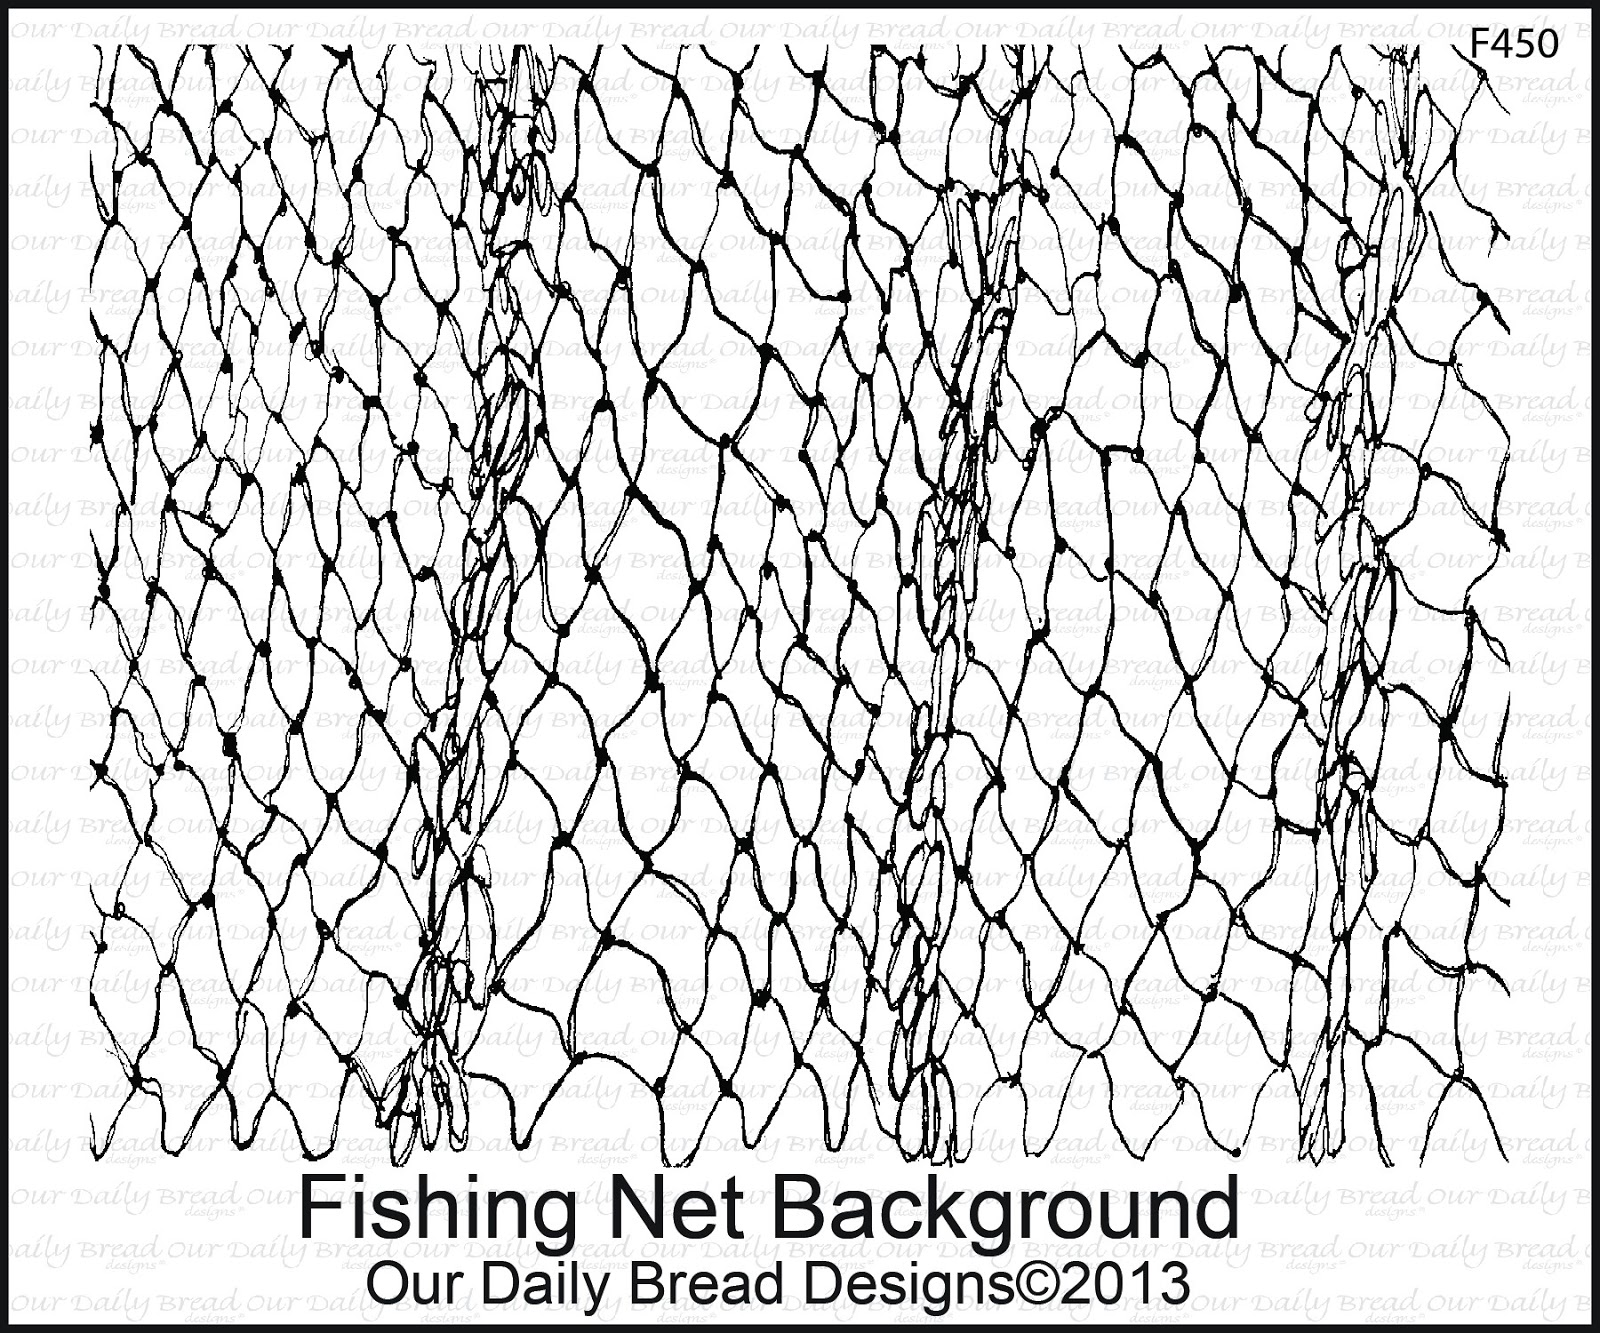 https://www.ourdailybreaddesigns.com/media/catalog/product/cache/1/image/9df78eab33525d08d6e5fb8d27136e95/f/i/fishing_net_background.jpg